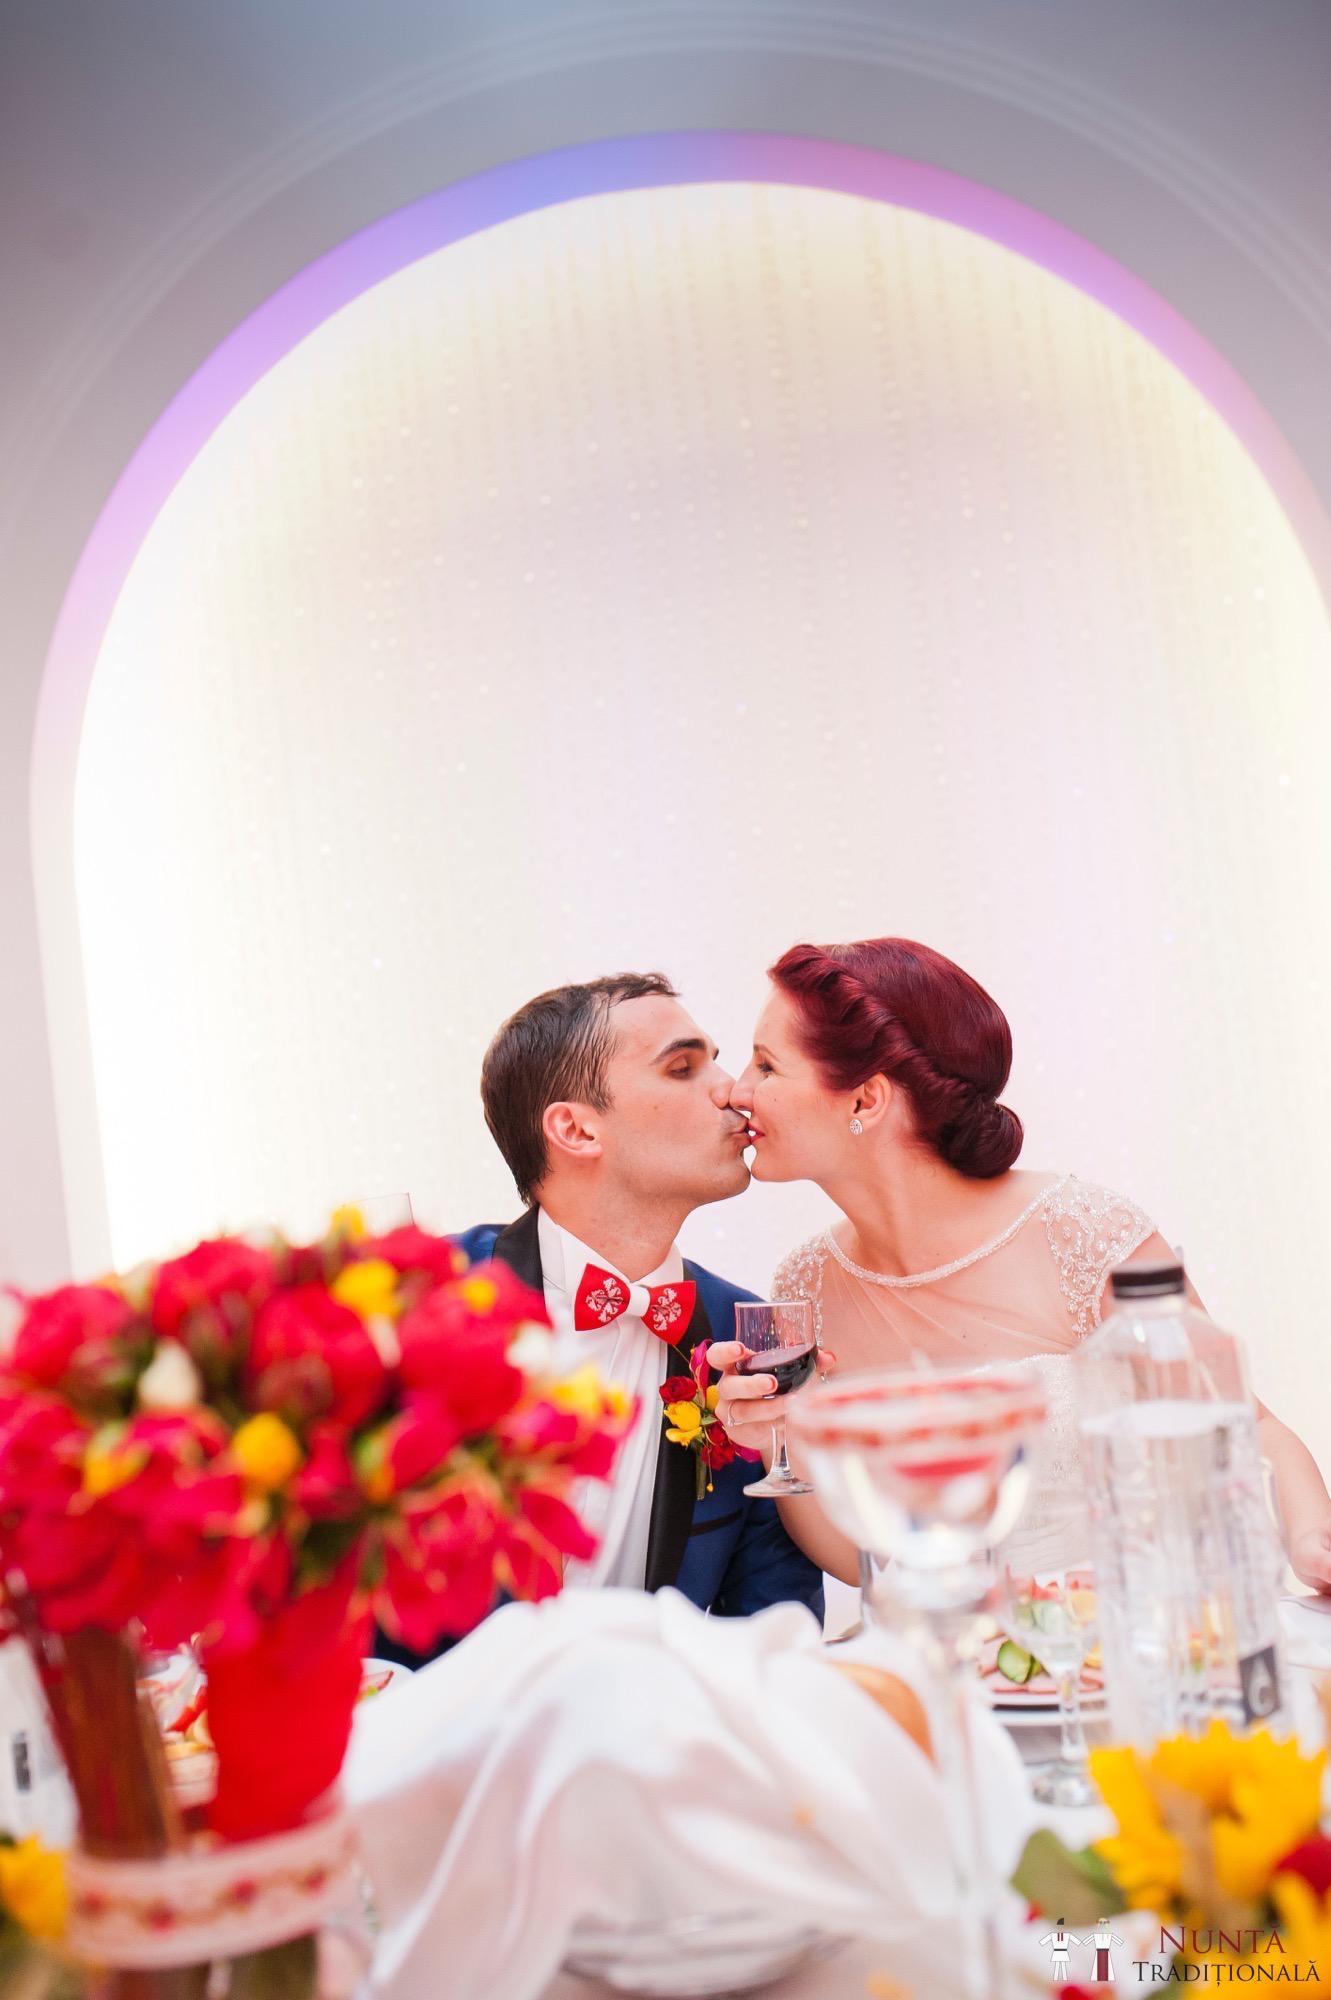 Povești Nunți Tradiționale - Gabriela și Mădălin - Nuntă Tradițională în Suceava, Bucovina 49